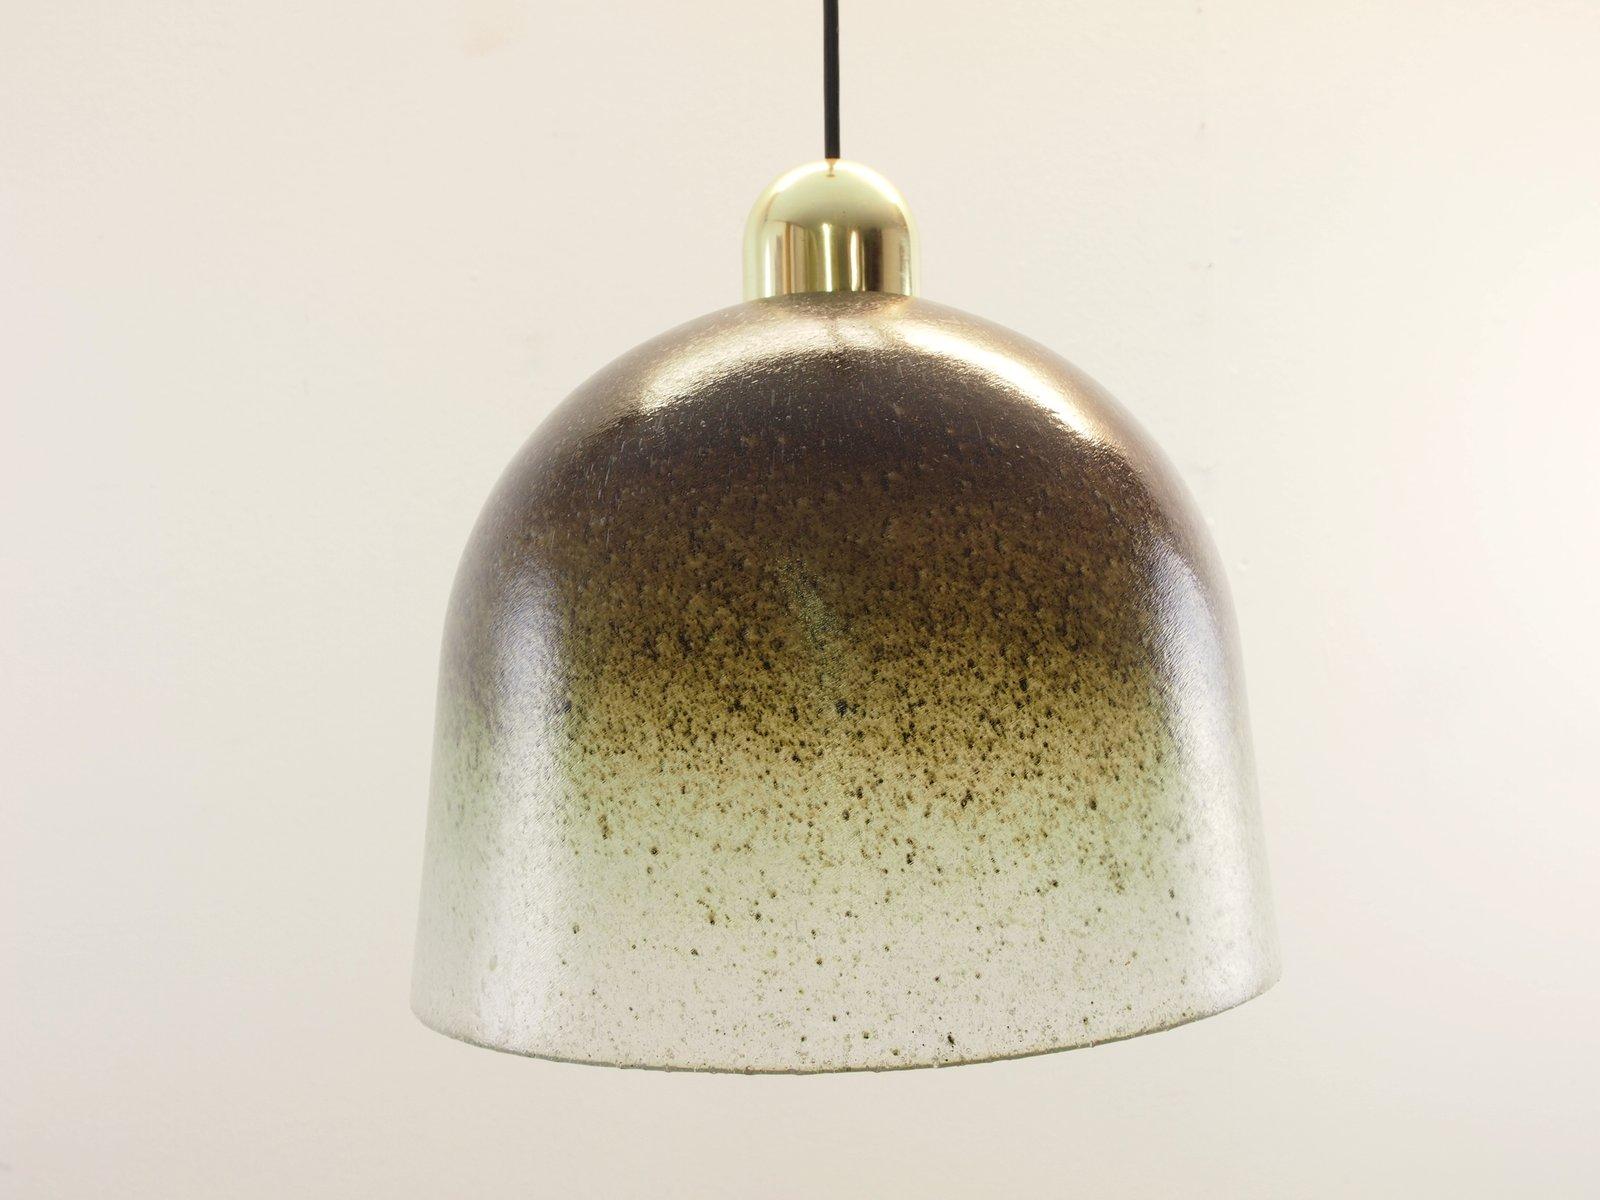 Lampade In Vetro Soffiato : Lampada a sospensione vintage in vetro soffiato a mano di peill